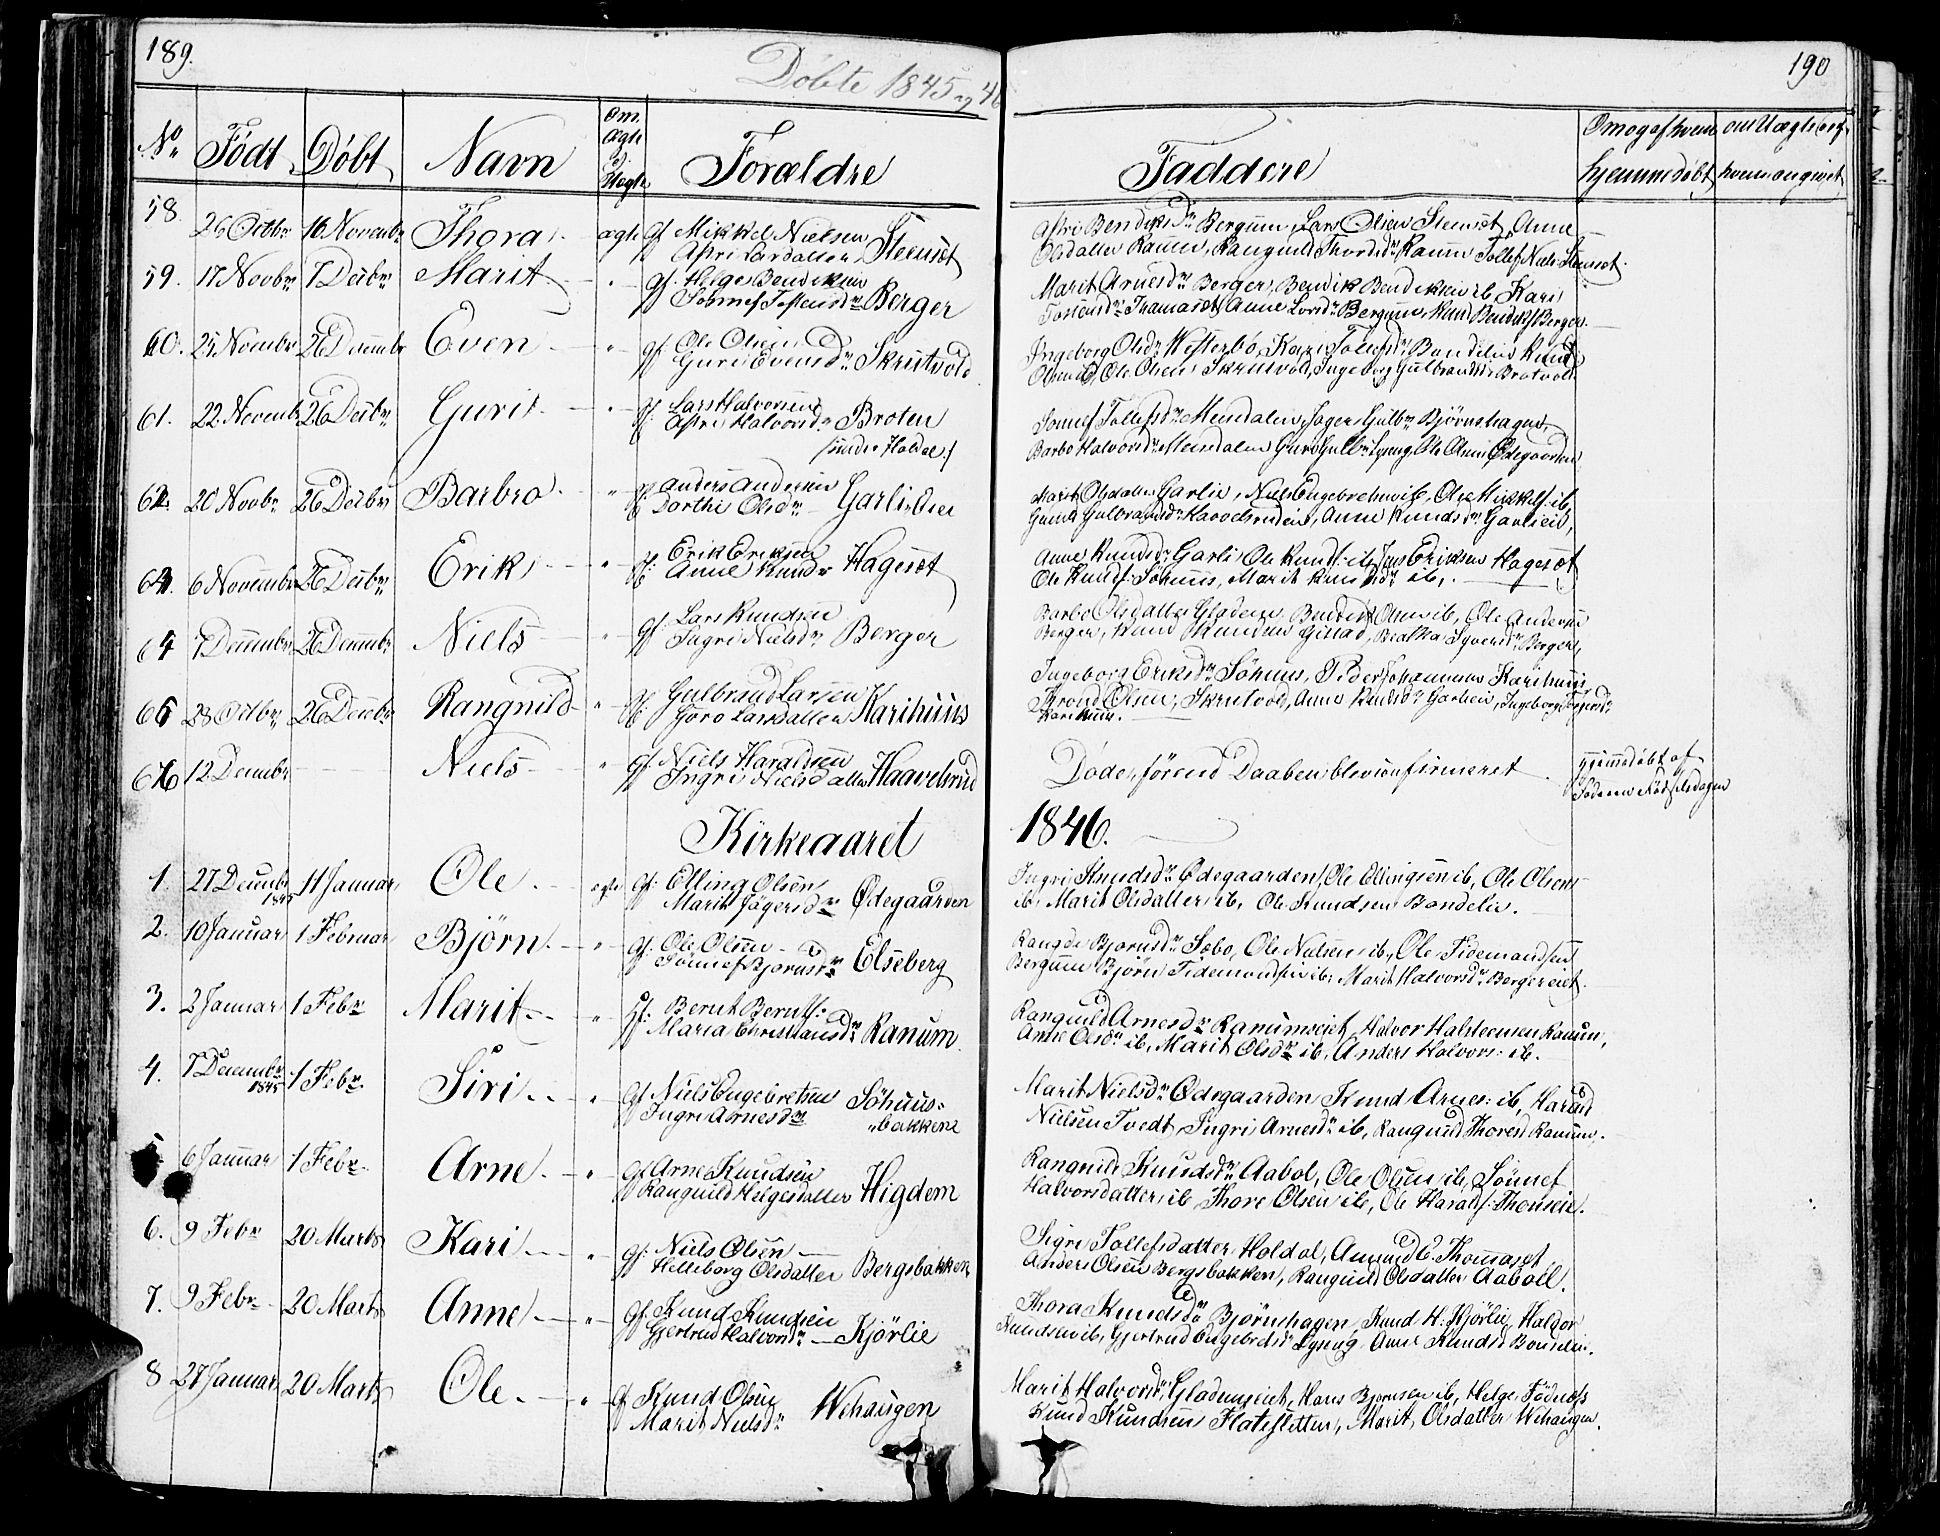 SAH, Nord-Aurdal prestekontor, Klokkerbok nr. 1, 1834-1887, s. 189-190